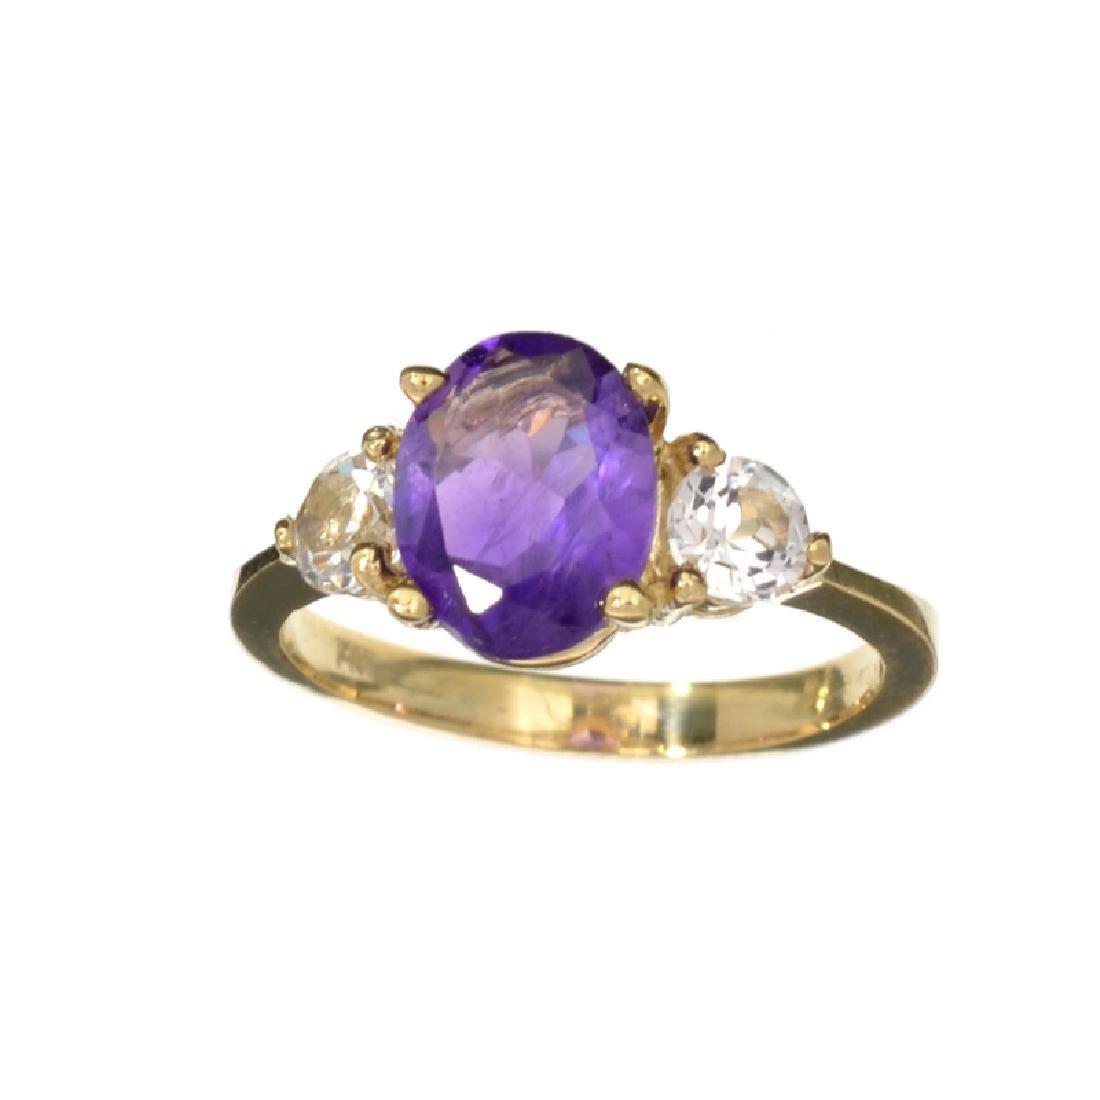 APP: 0.9k Fine Jewelry Designer Sebastian 14KT Gold,